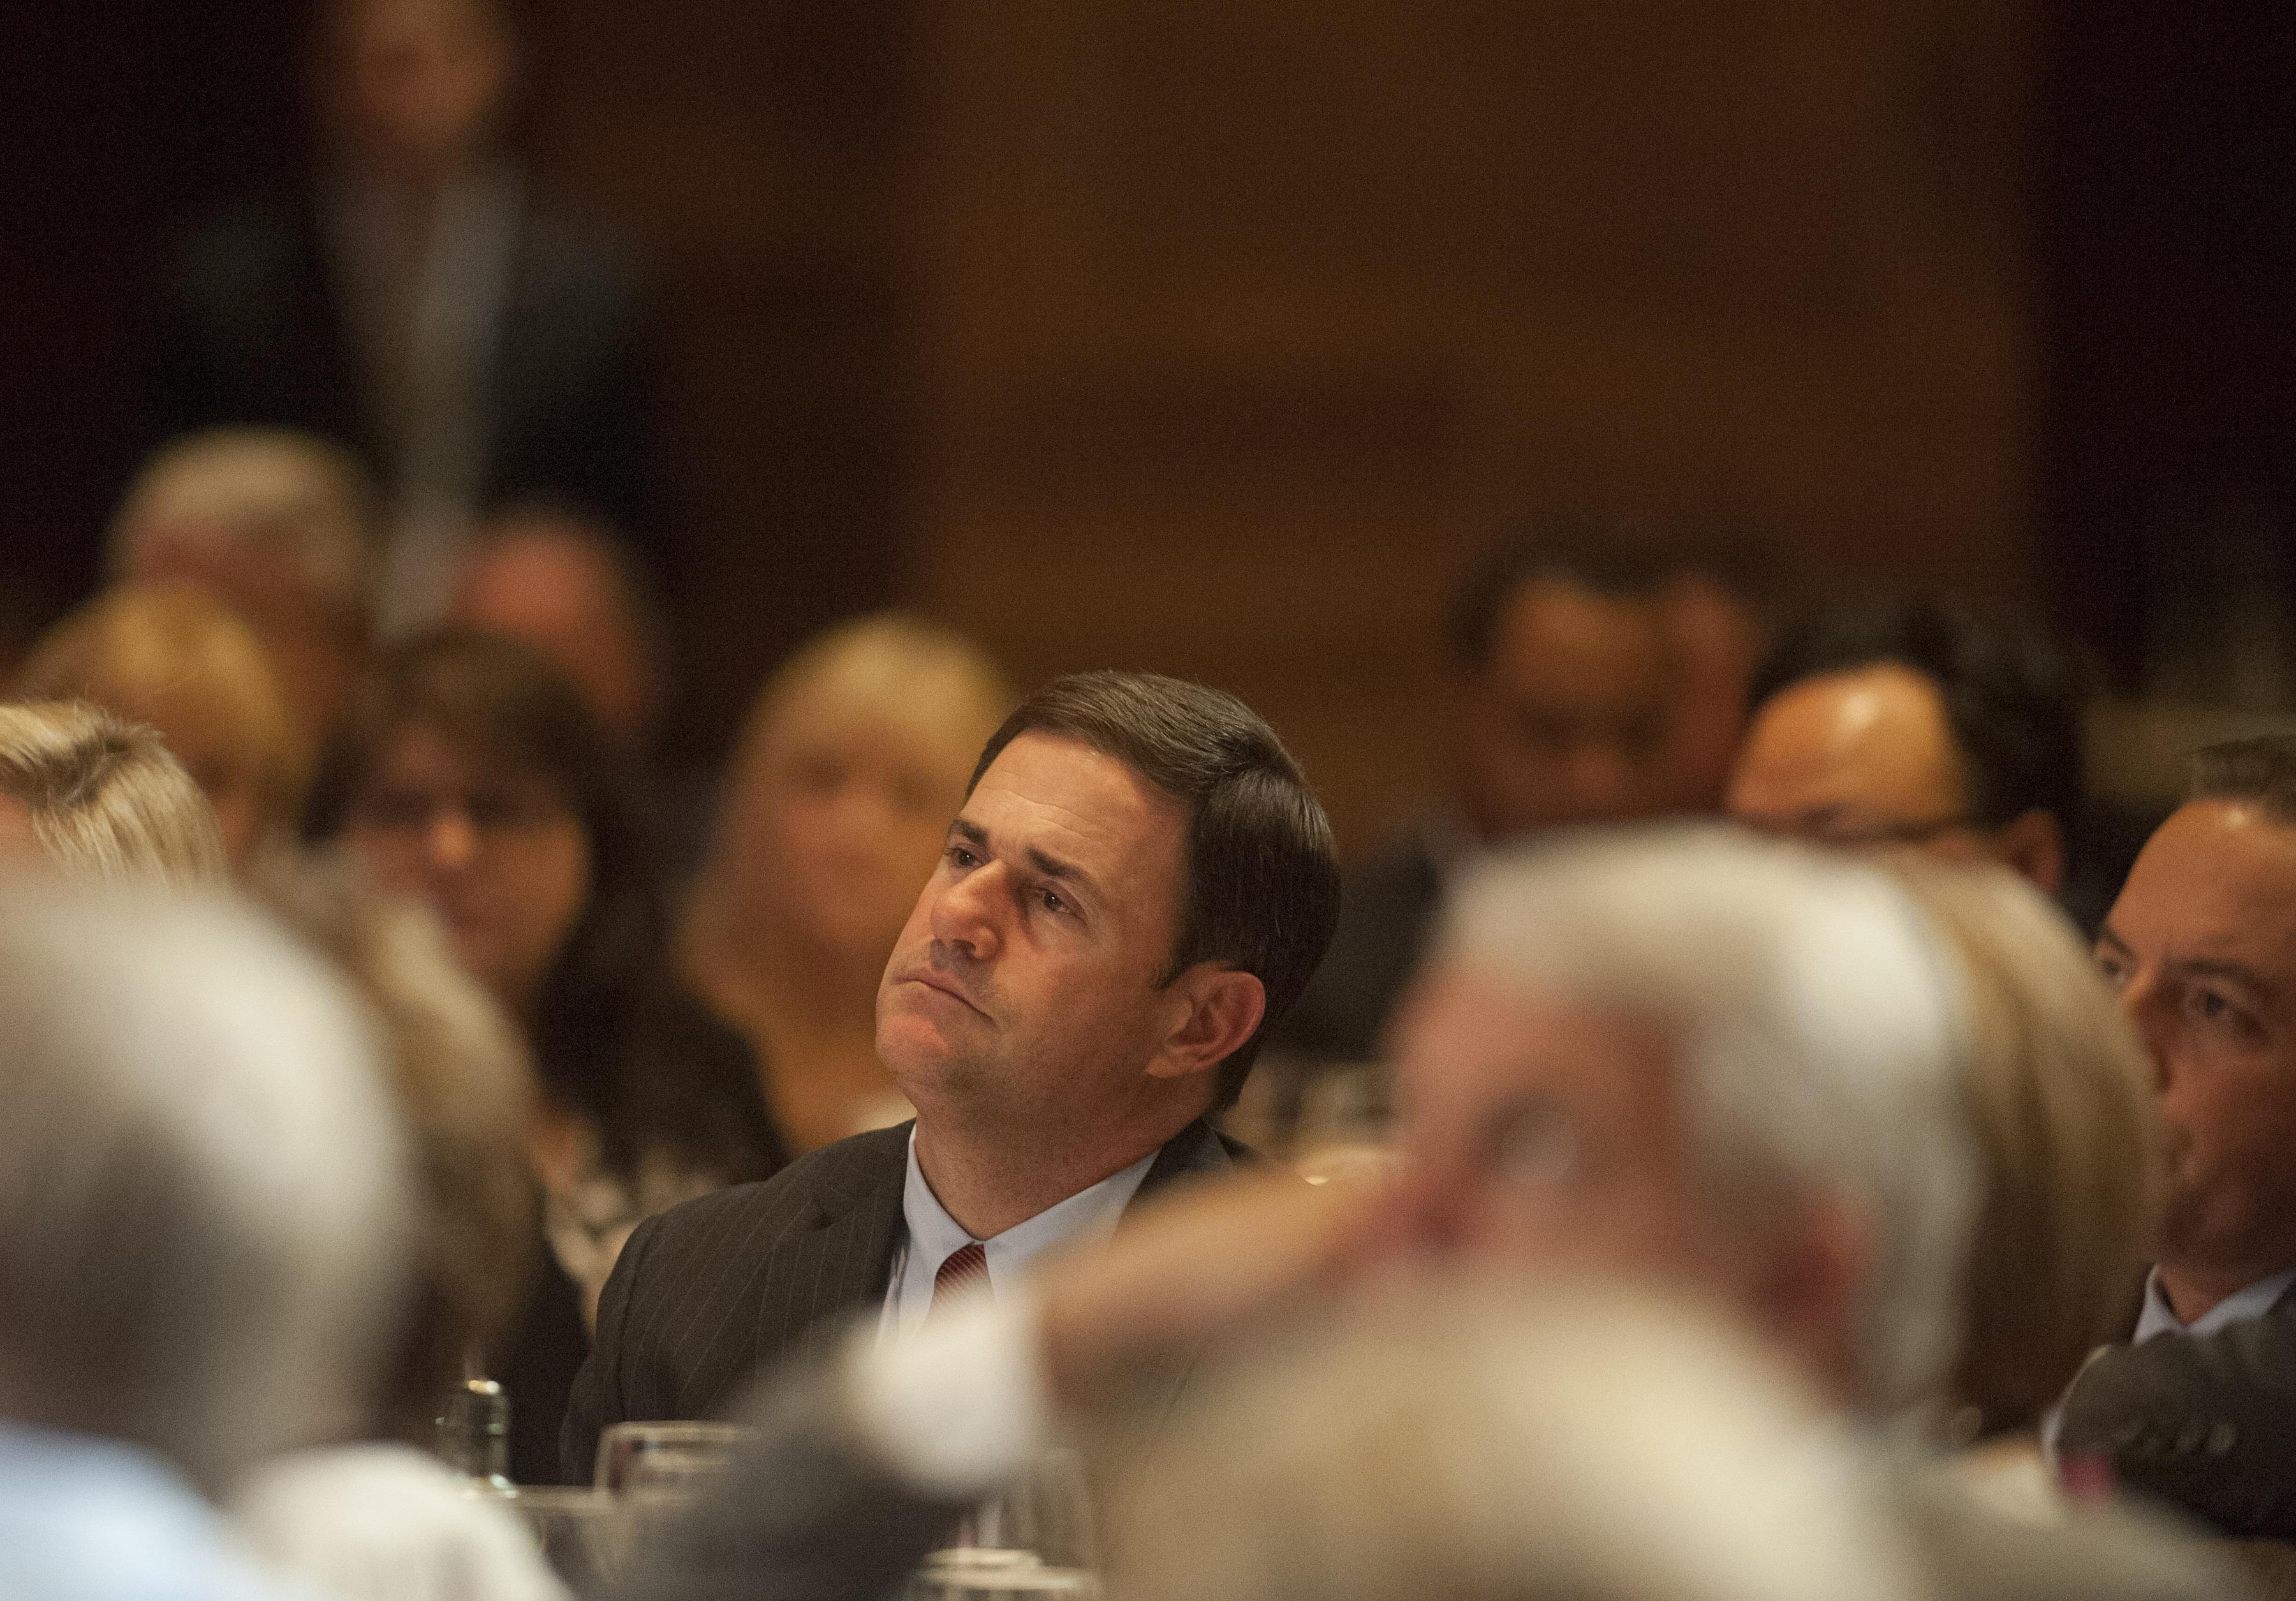 朱利亞尼:亞利桑那州長拒絕與我見面